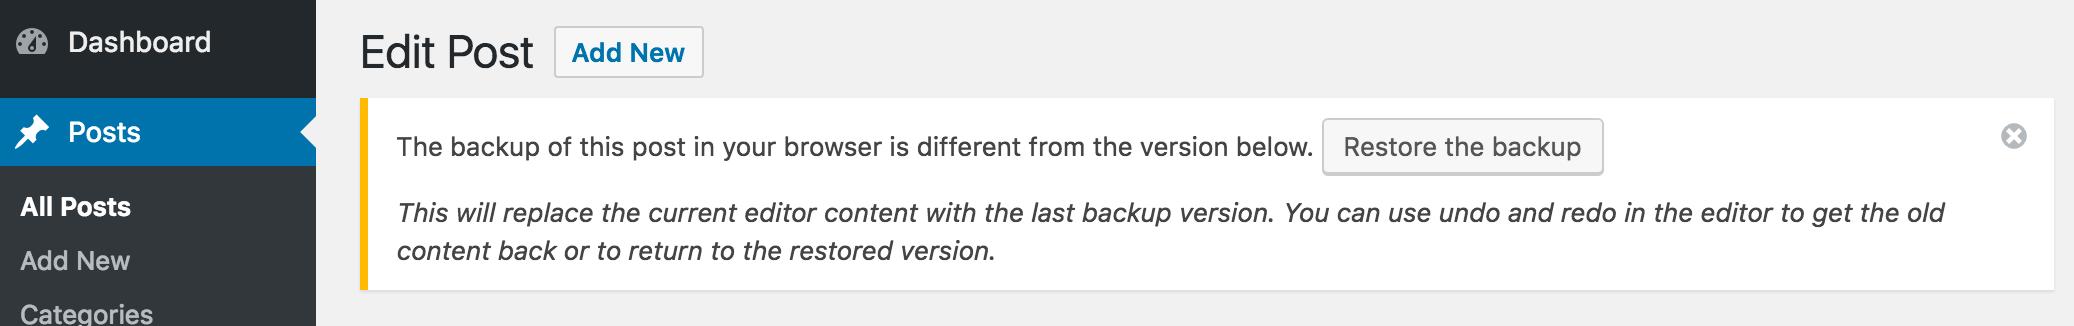 Восстановление ревизии из браузера в WordPress 4.6